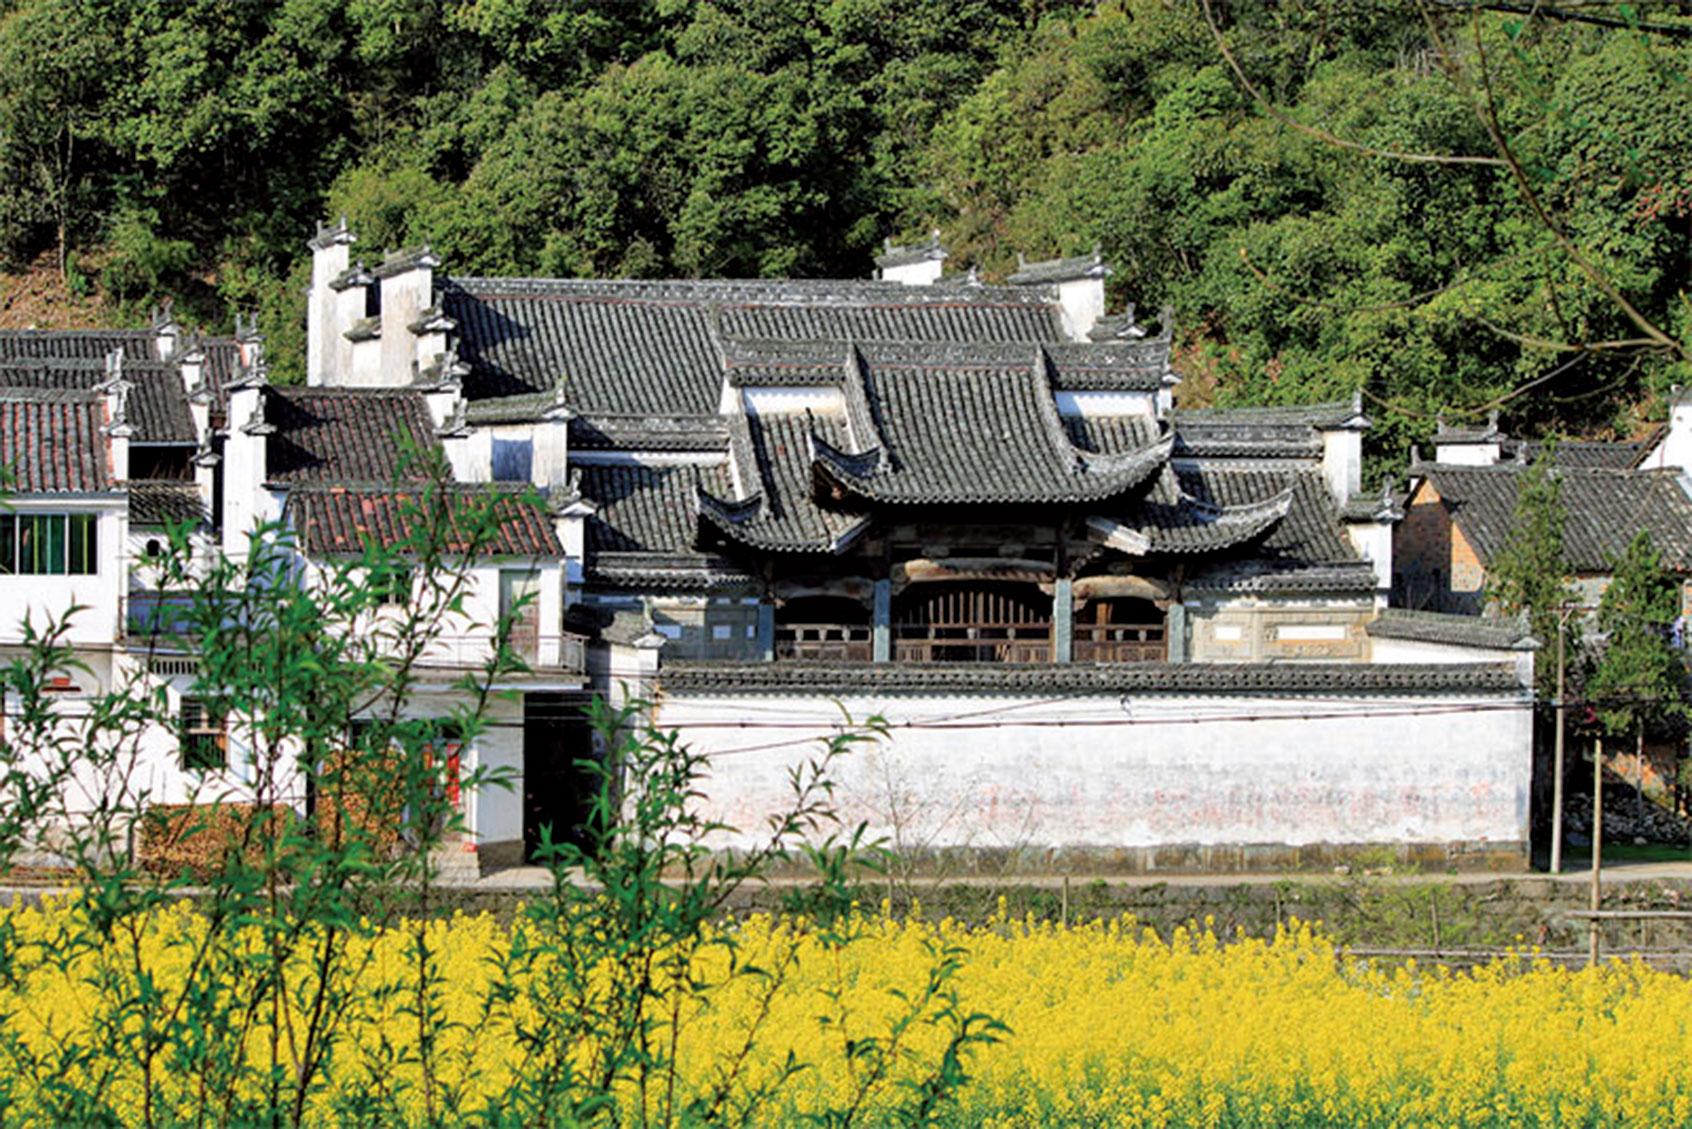 黑瓦白牆,屋後竹林,門前小河,走過小橋,是大片黃燦燦的油菜花田……(Zhangzhugang/維基百科)